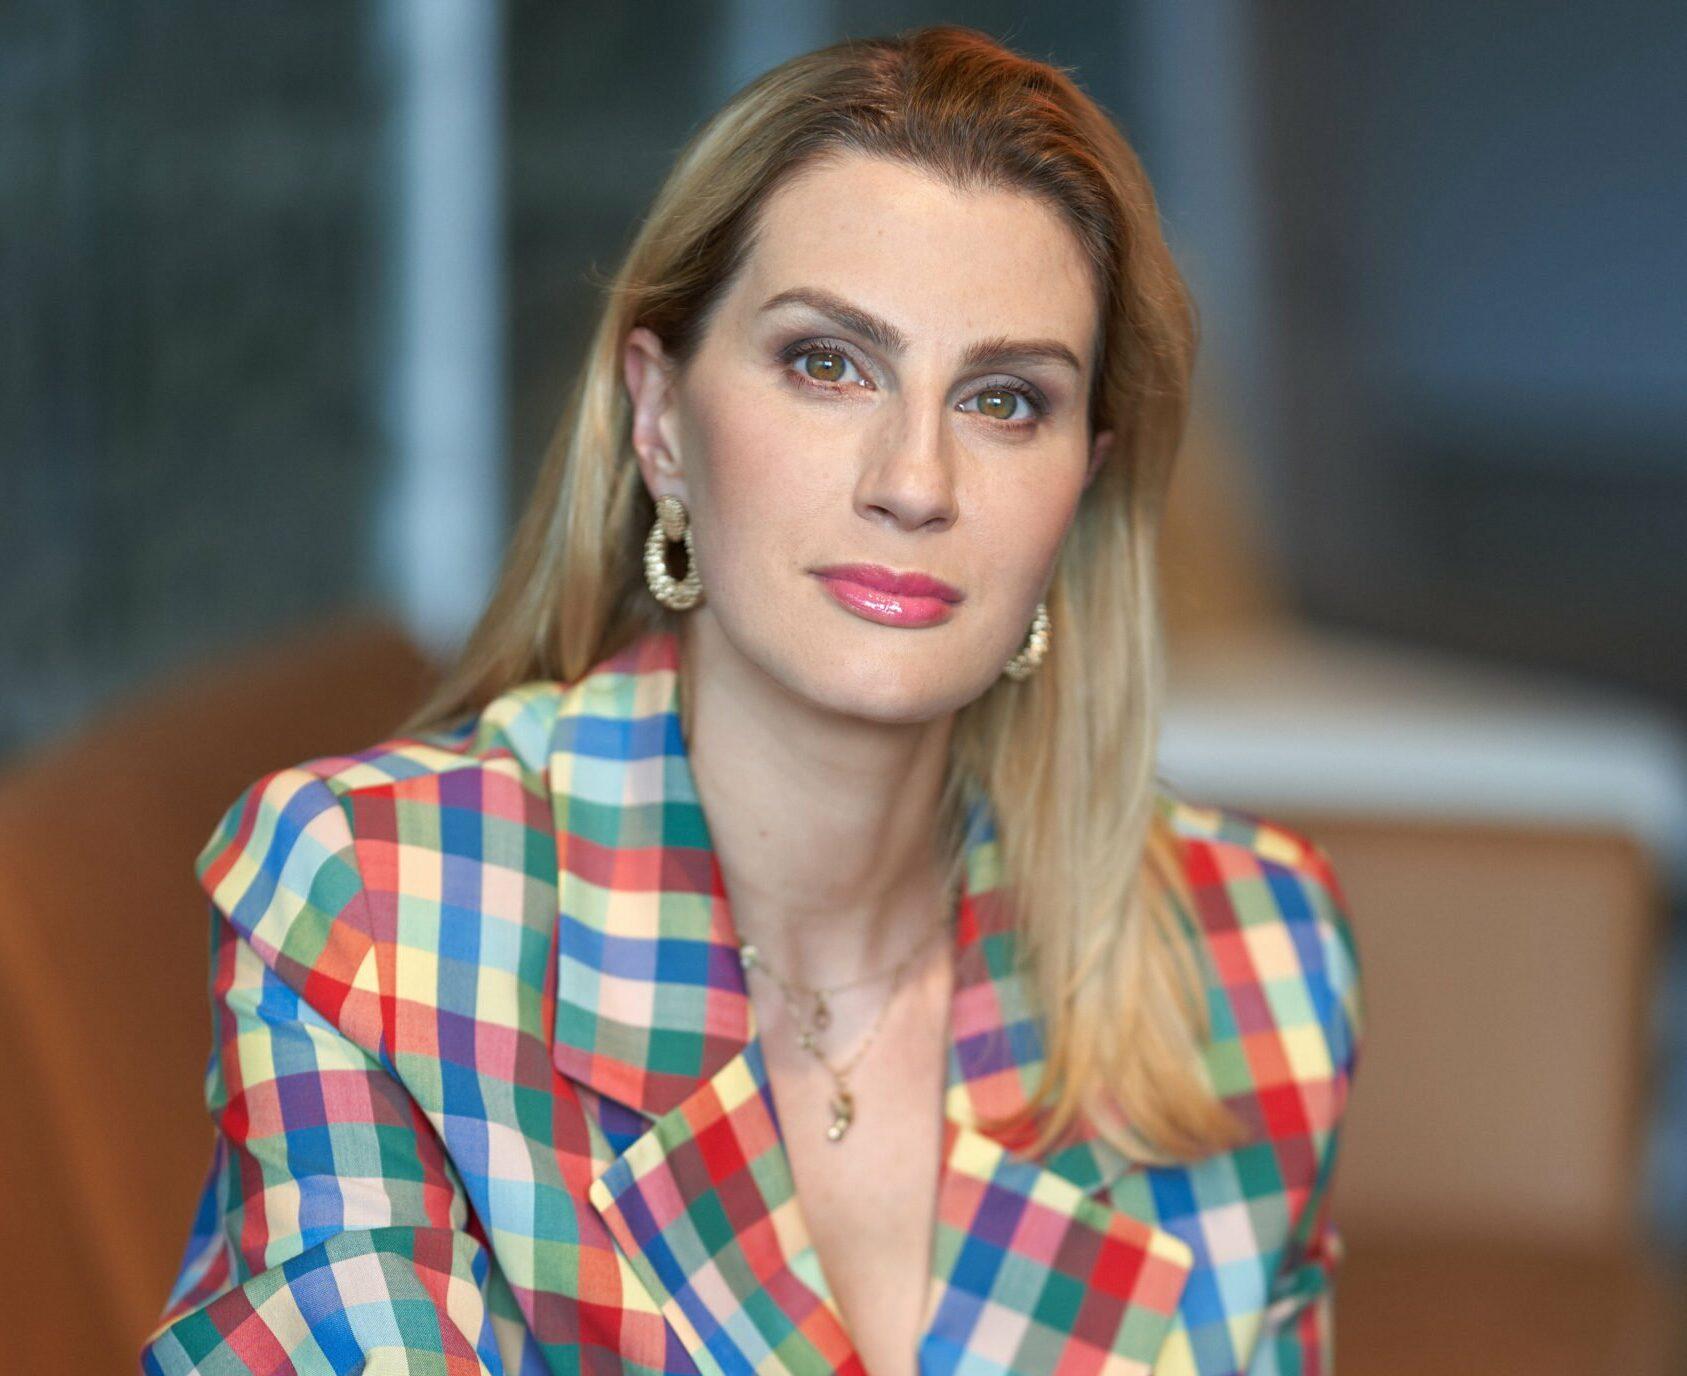 Agnieszka Plencler